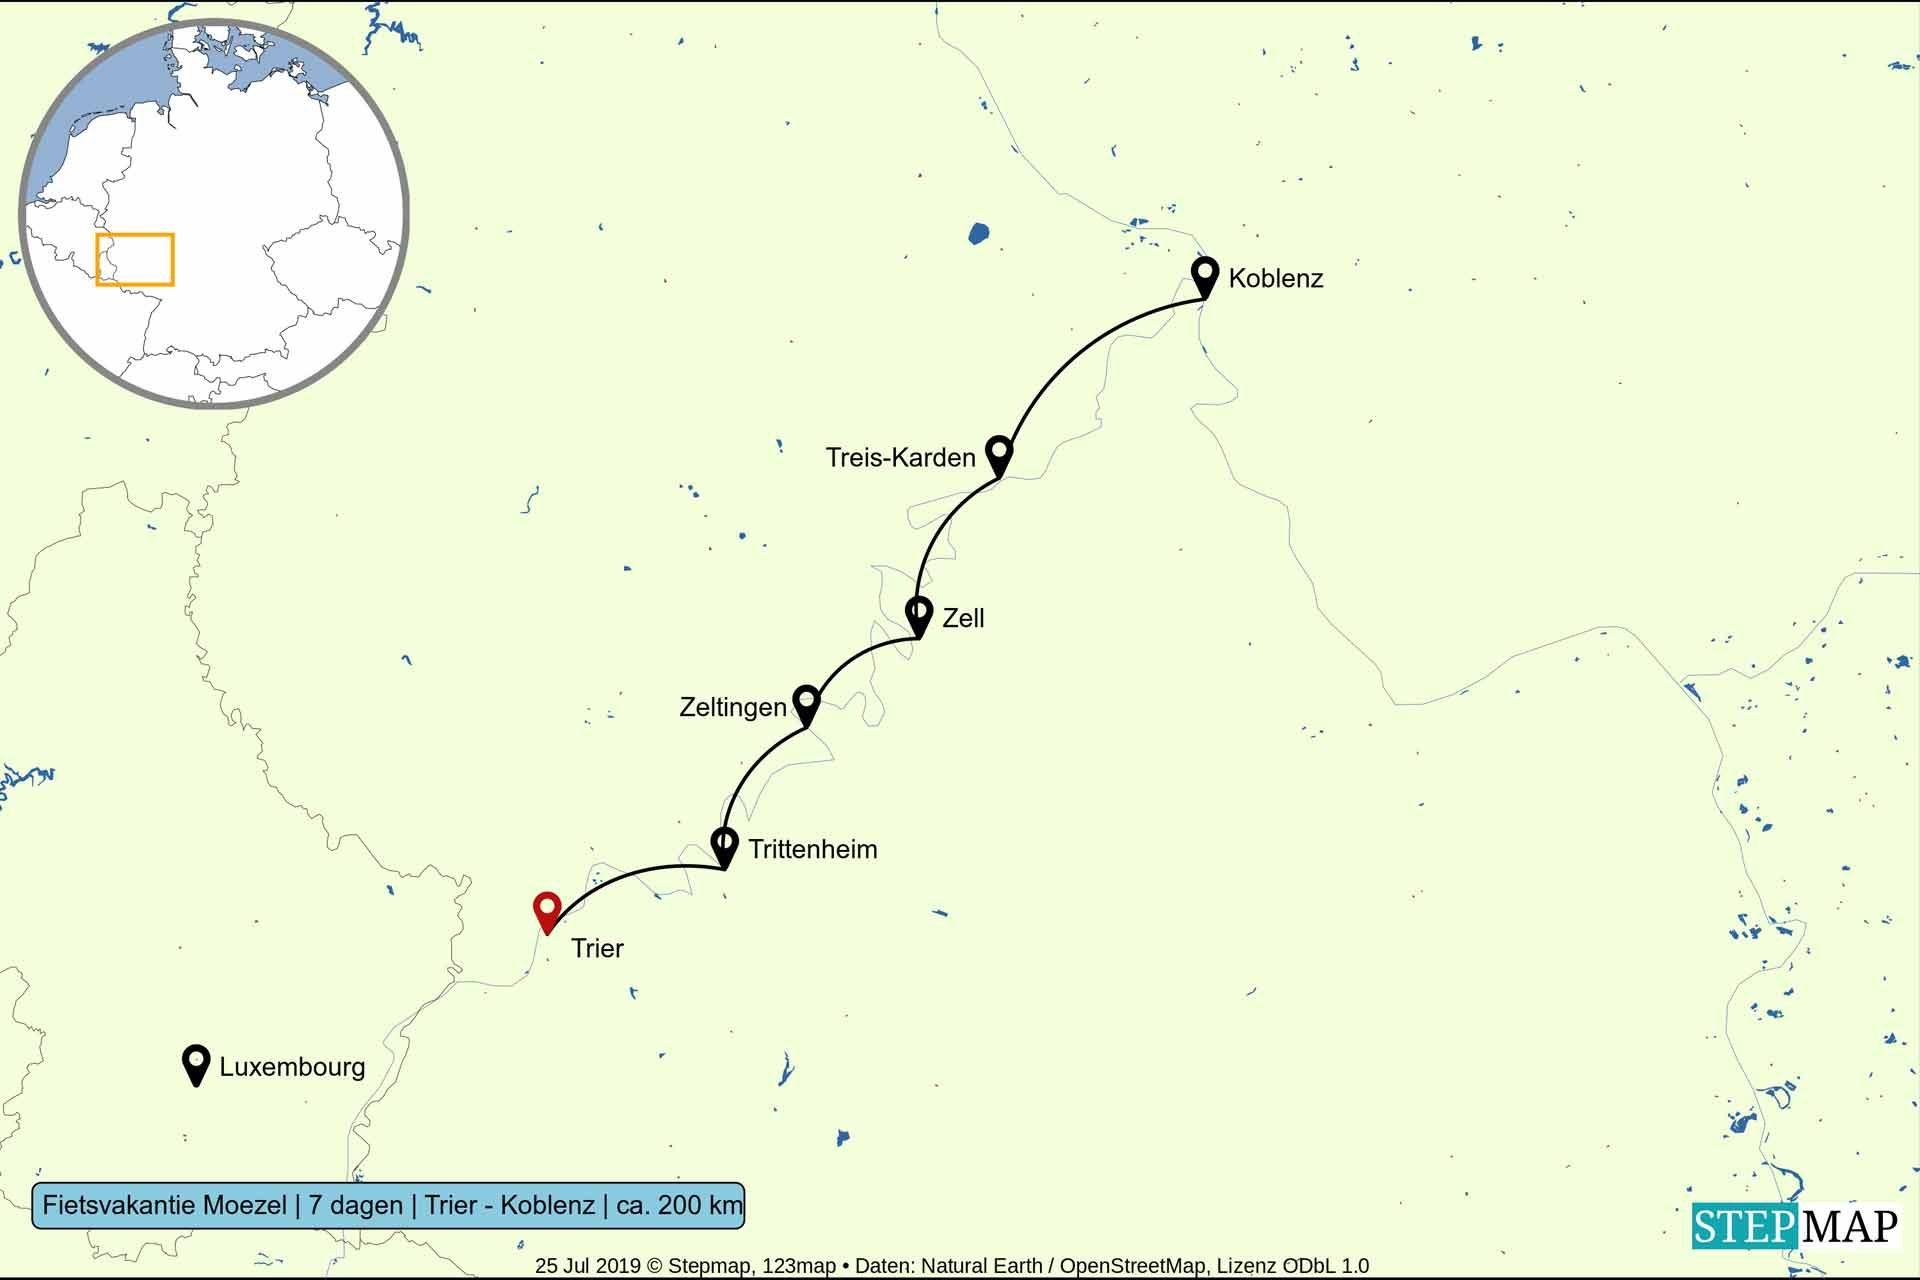 Route fietsvakantie langs de Moezel van Trier naar Koblenz - 7 dagen